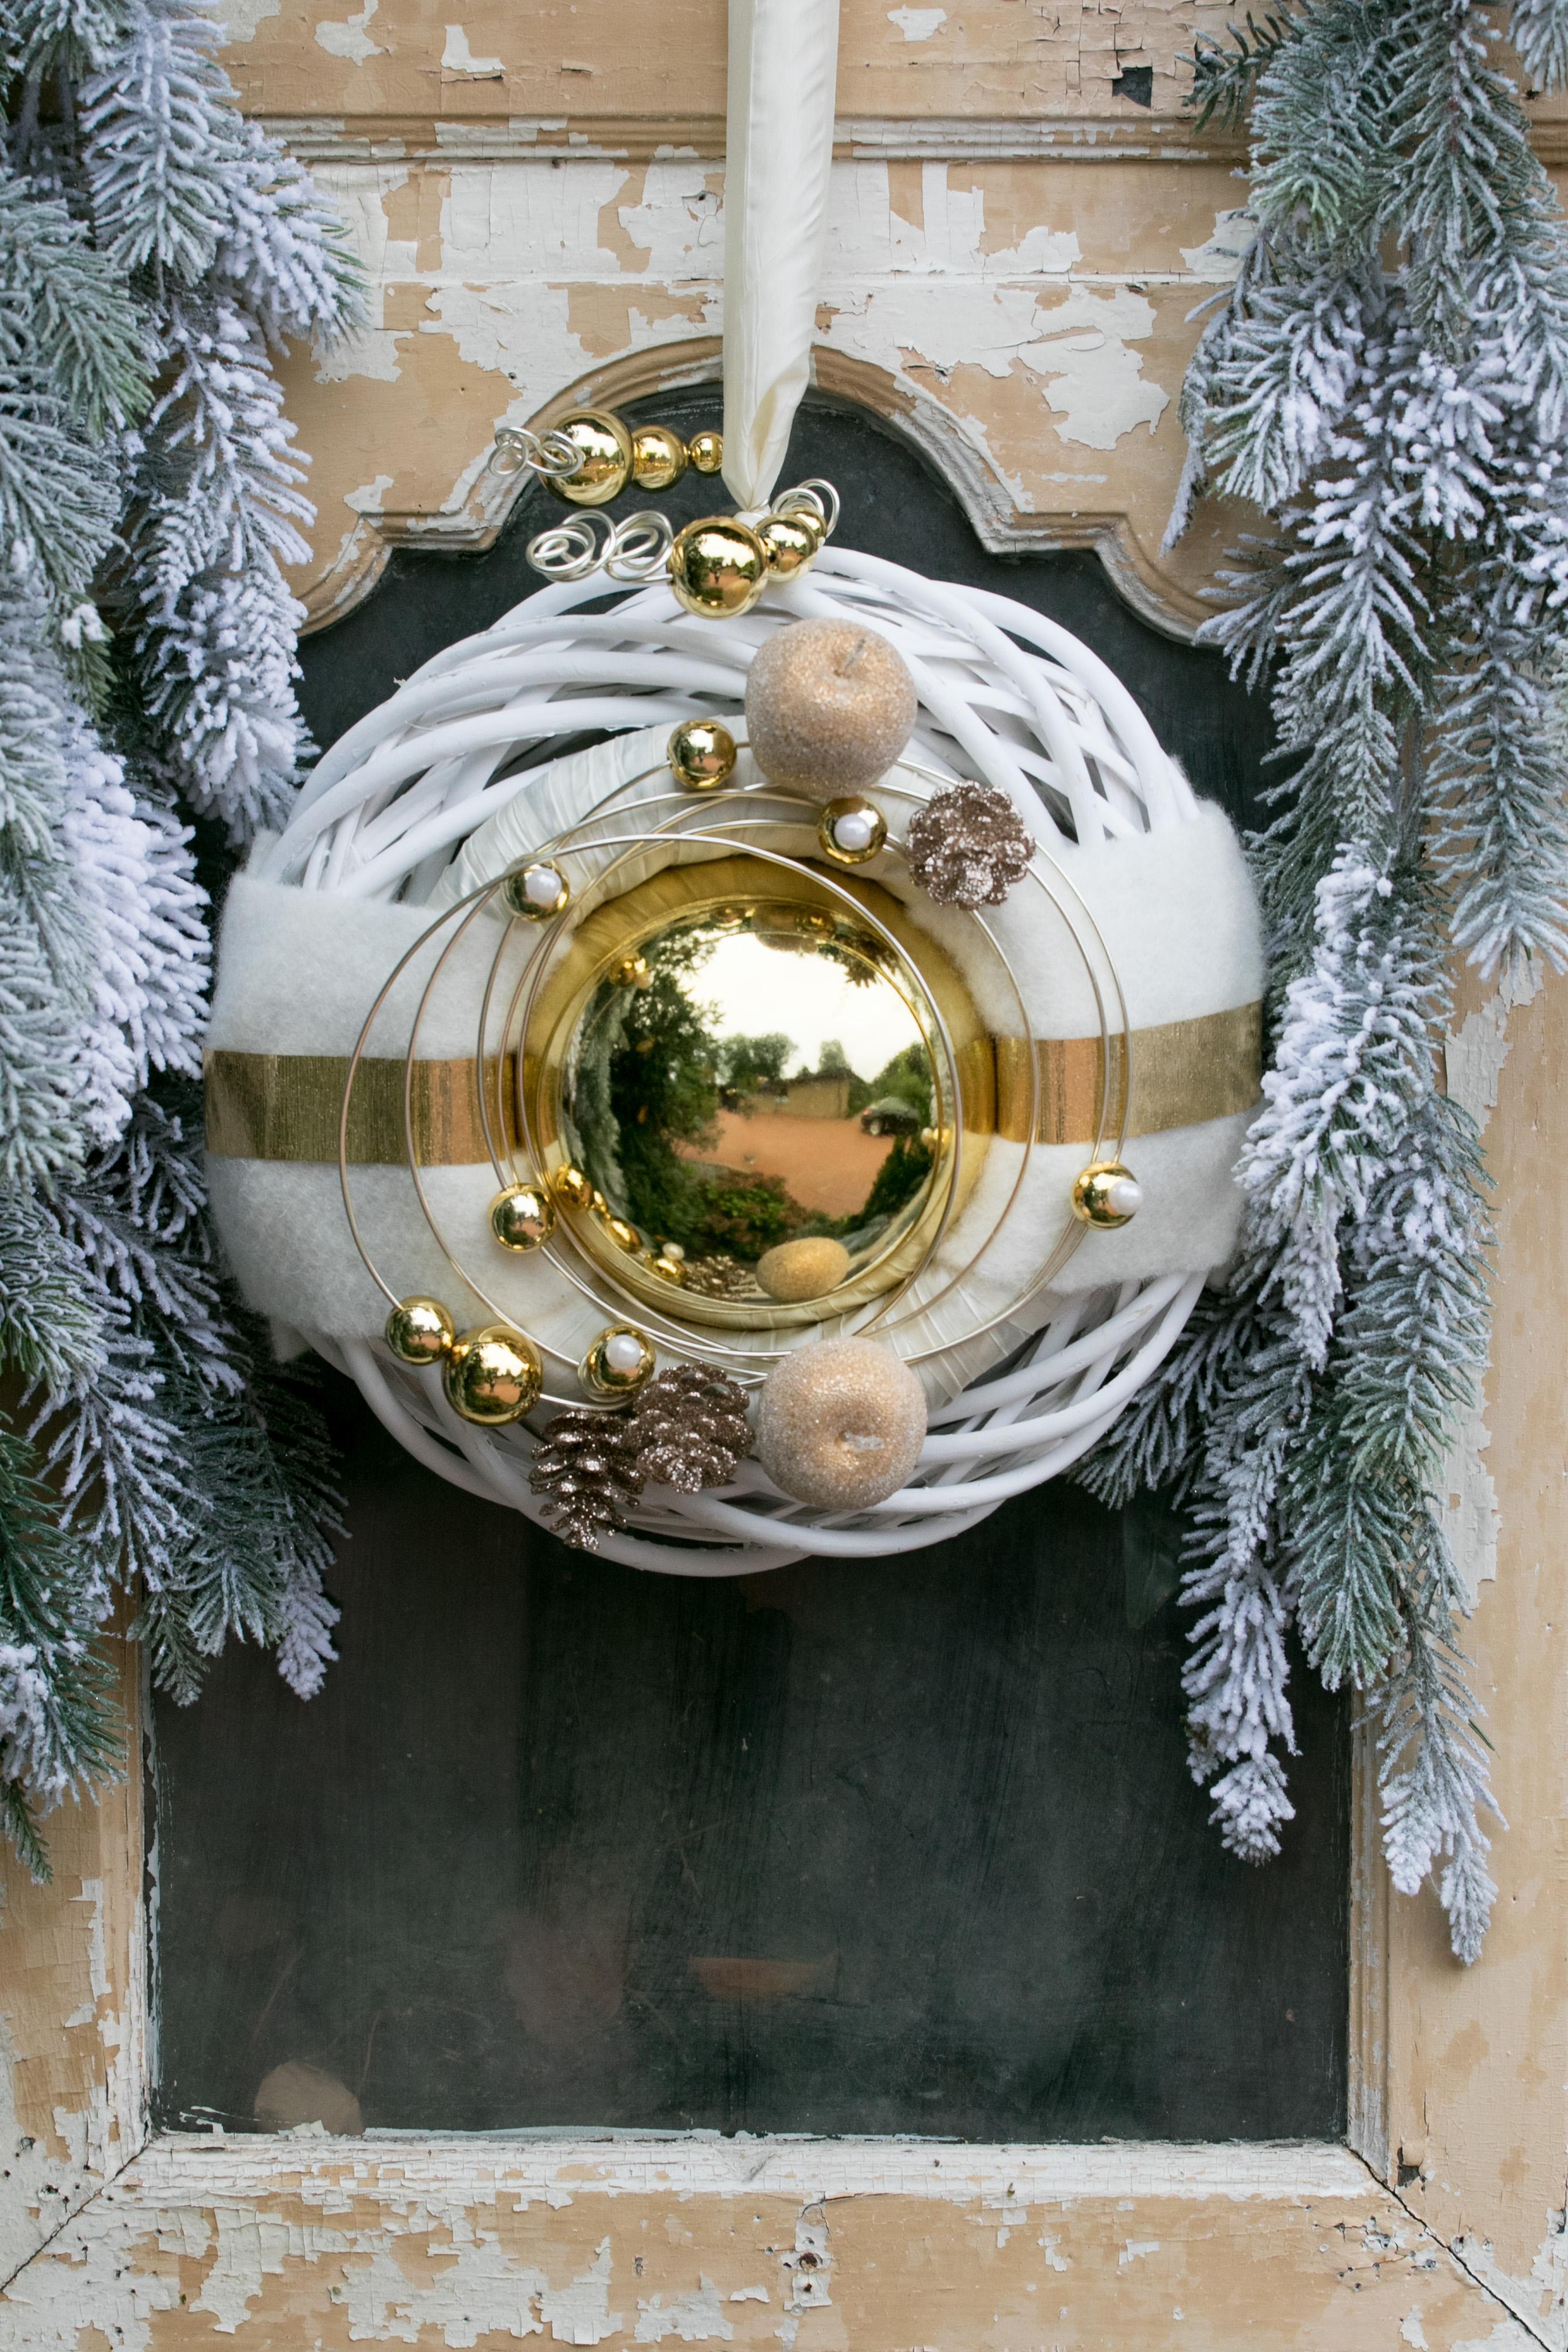 Winterkranz Wandkranz Nr32 Türkranz Weiß 30 Cm Gold Kugel Zapfen Filz Modern